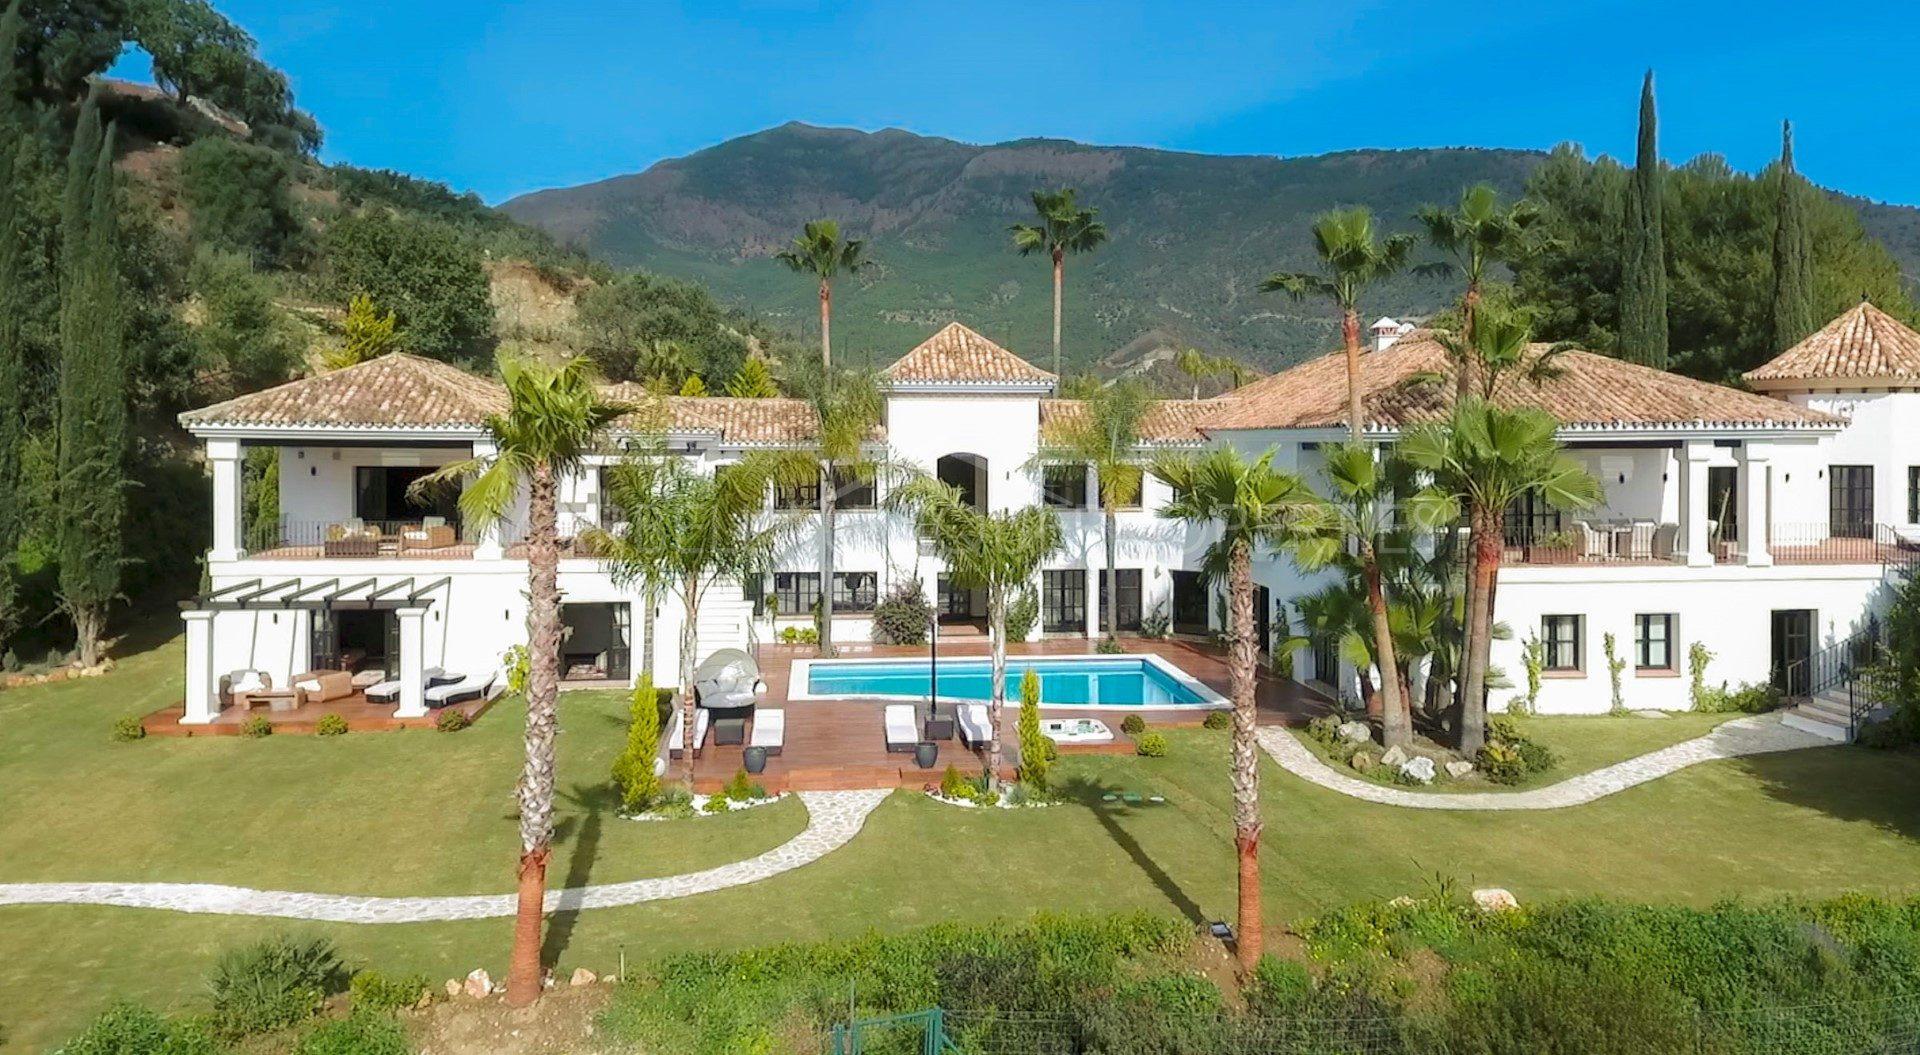 The Best Properties in La Zagaleta - Marbella Unique Properties - A fantastic 6 bedroom villa in La Zagaleta, 4.500.000€